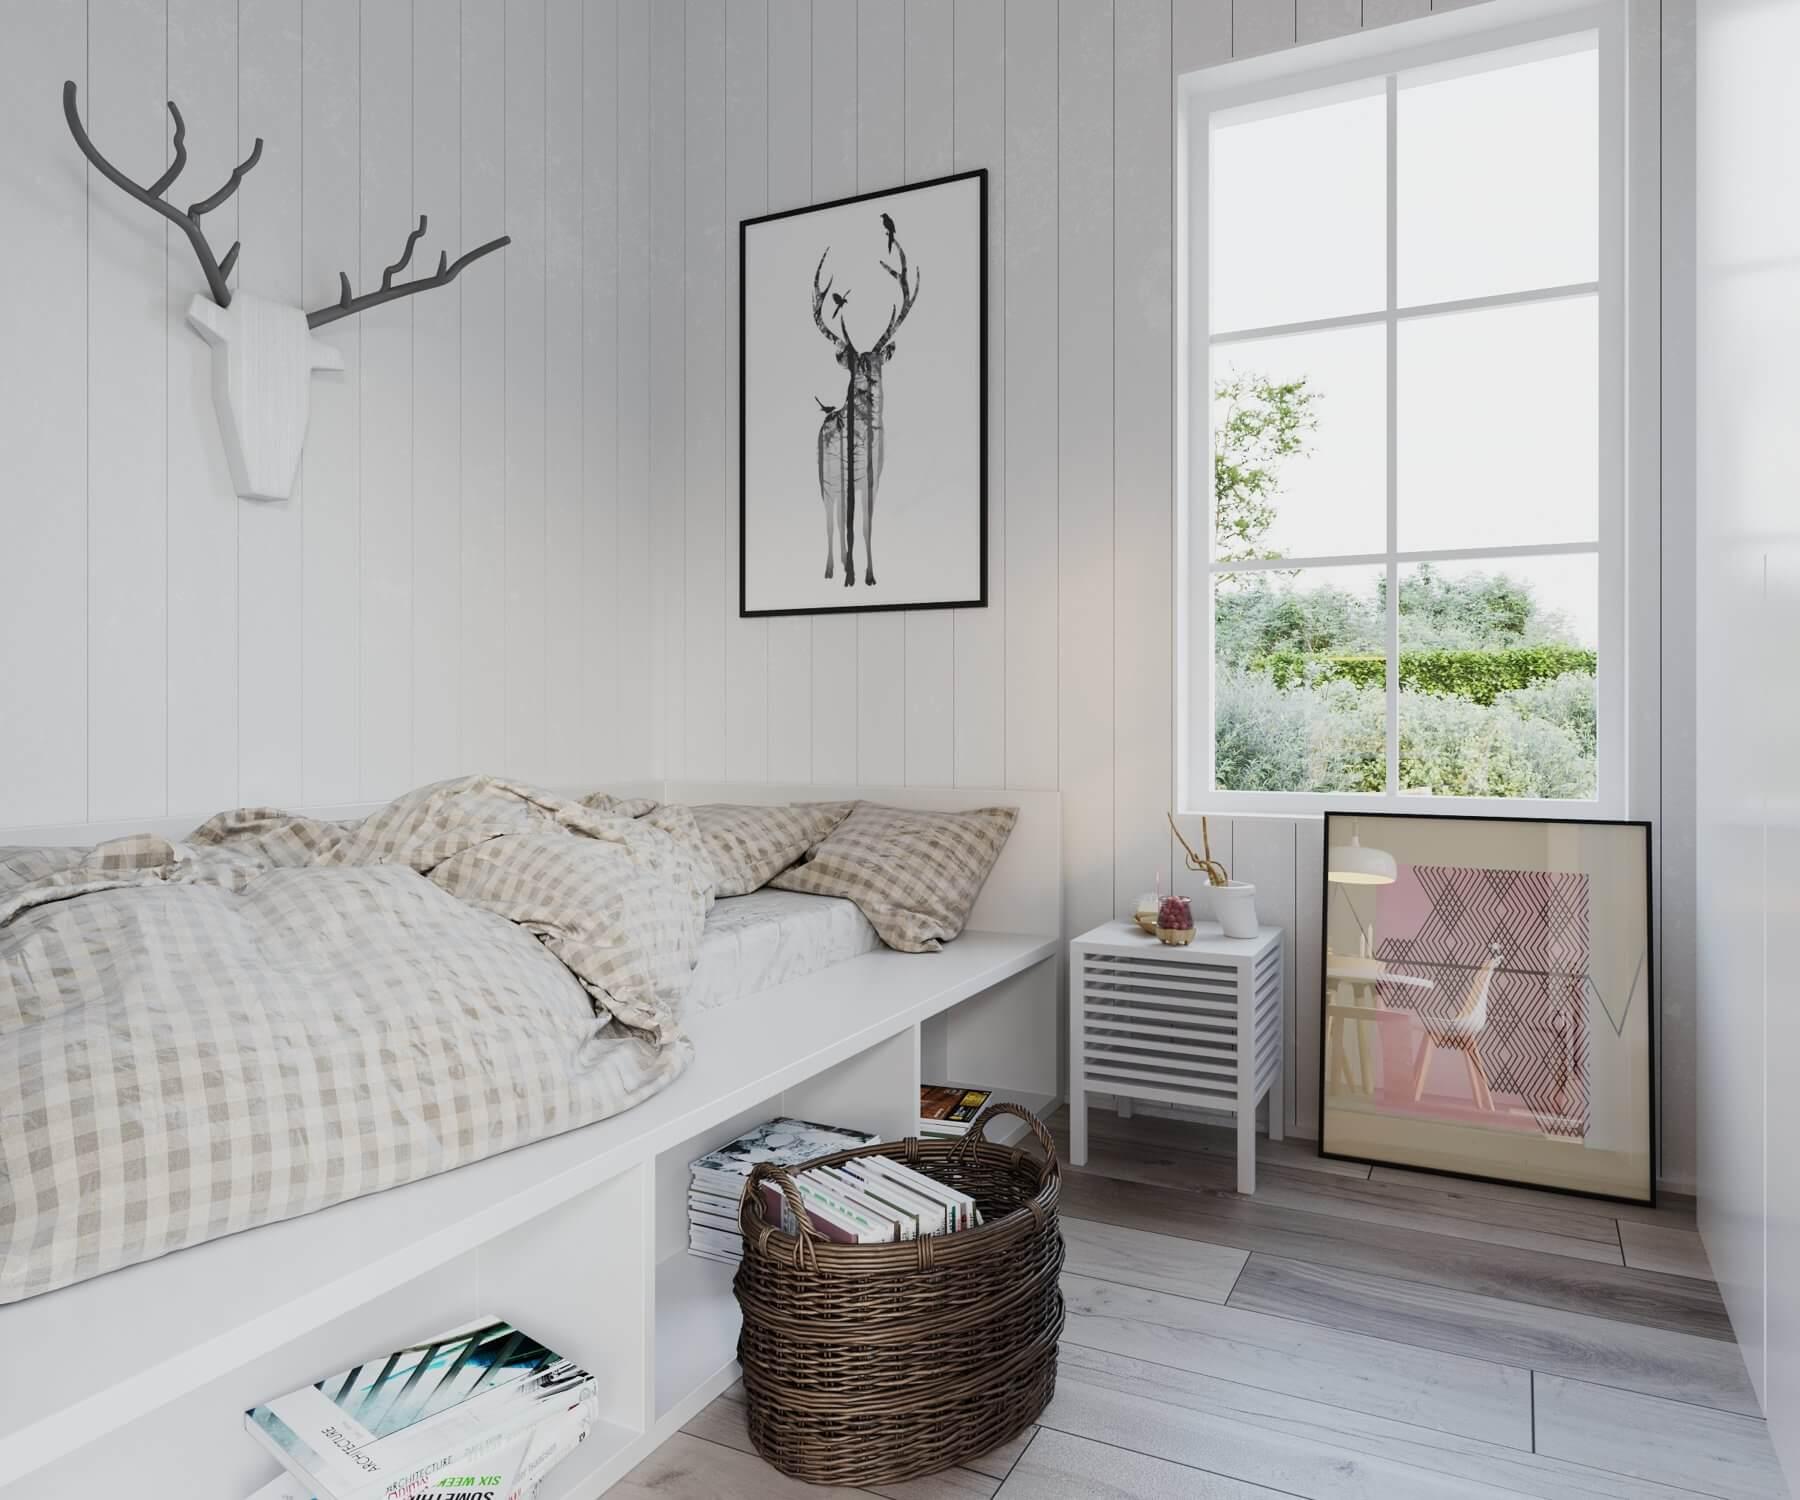 Sovrum i attefallshus med säng, sängbord och ett fönster